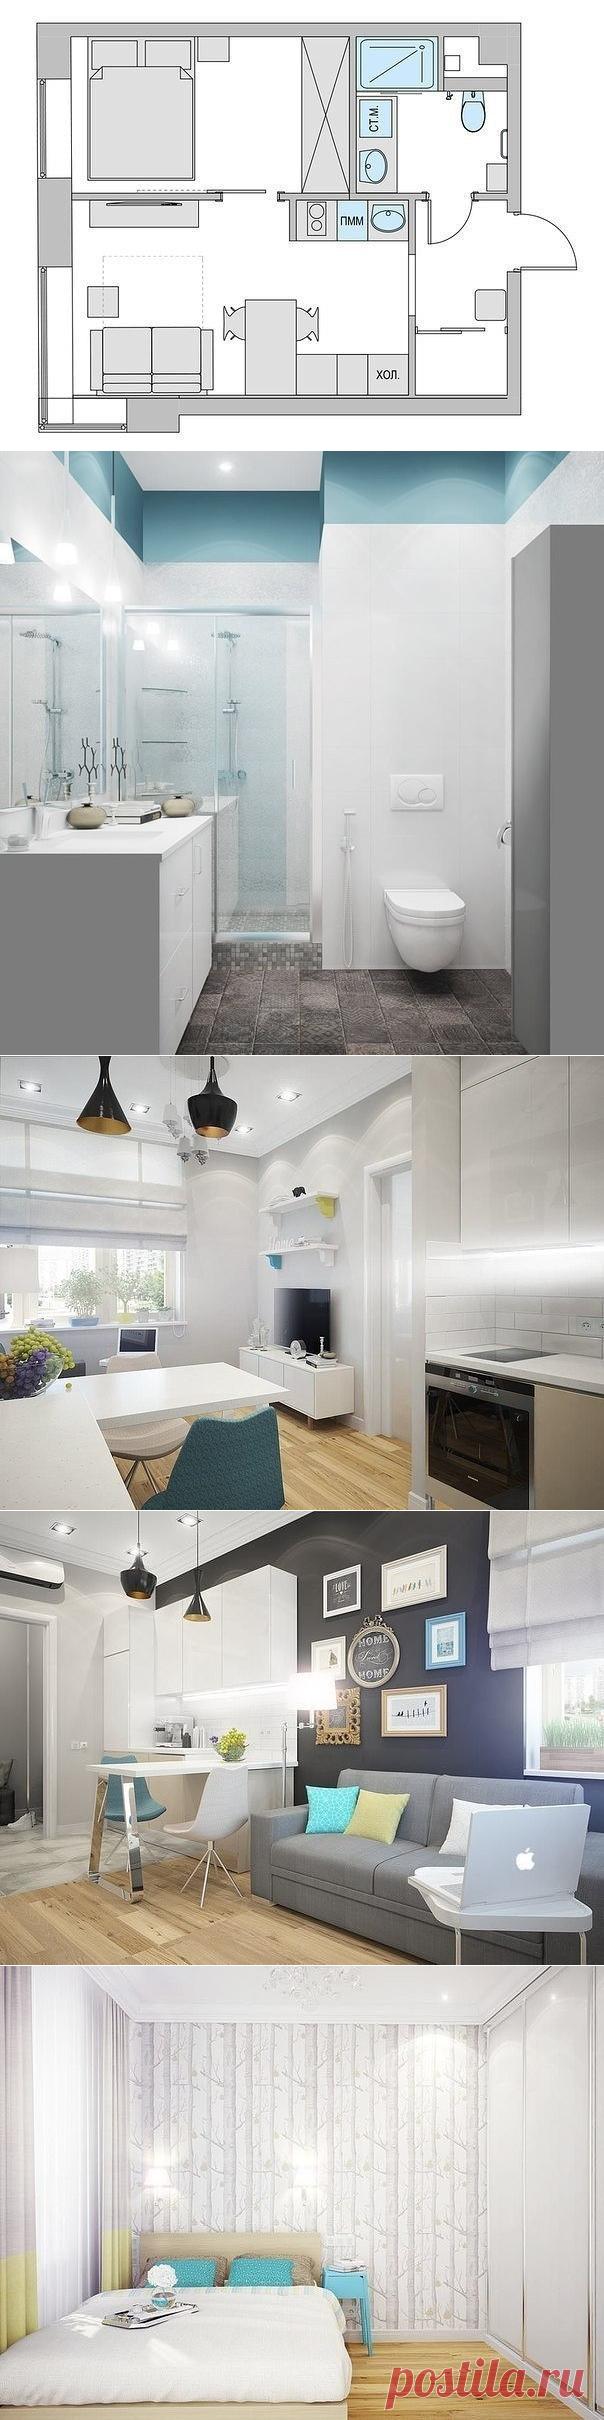 Дизайн - проект маленькой двухкомнатной квартиры, 33кв м. - Дизайн интерьеров   Идеи вашего дома   Lodgers